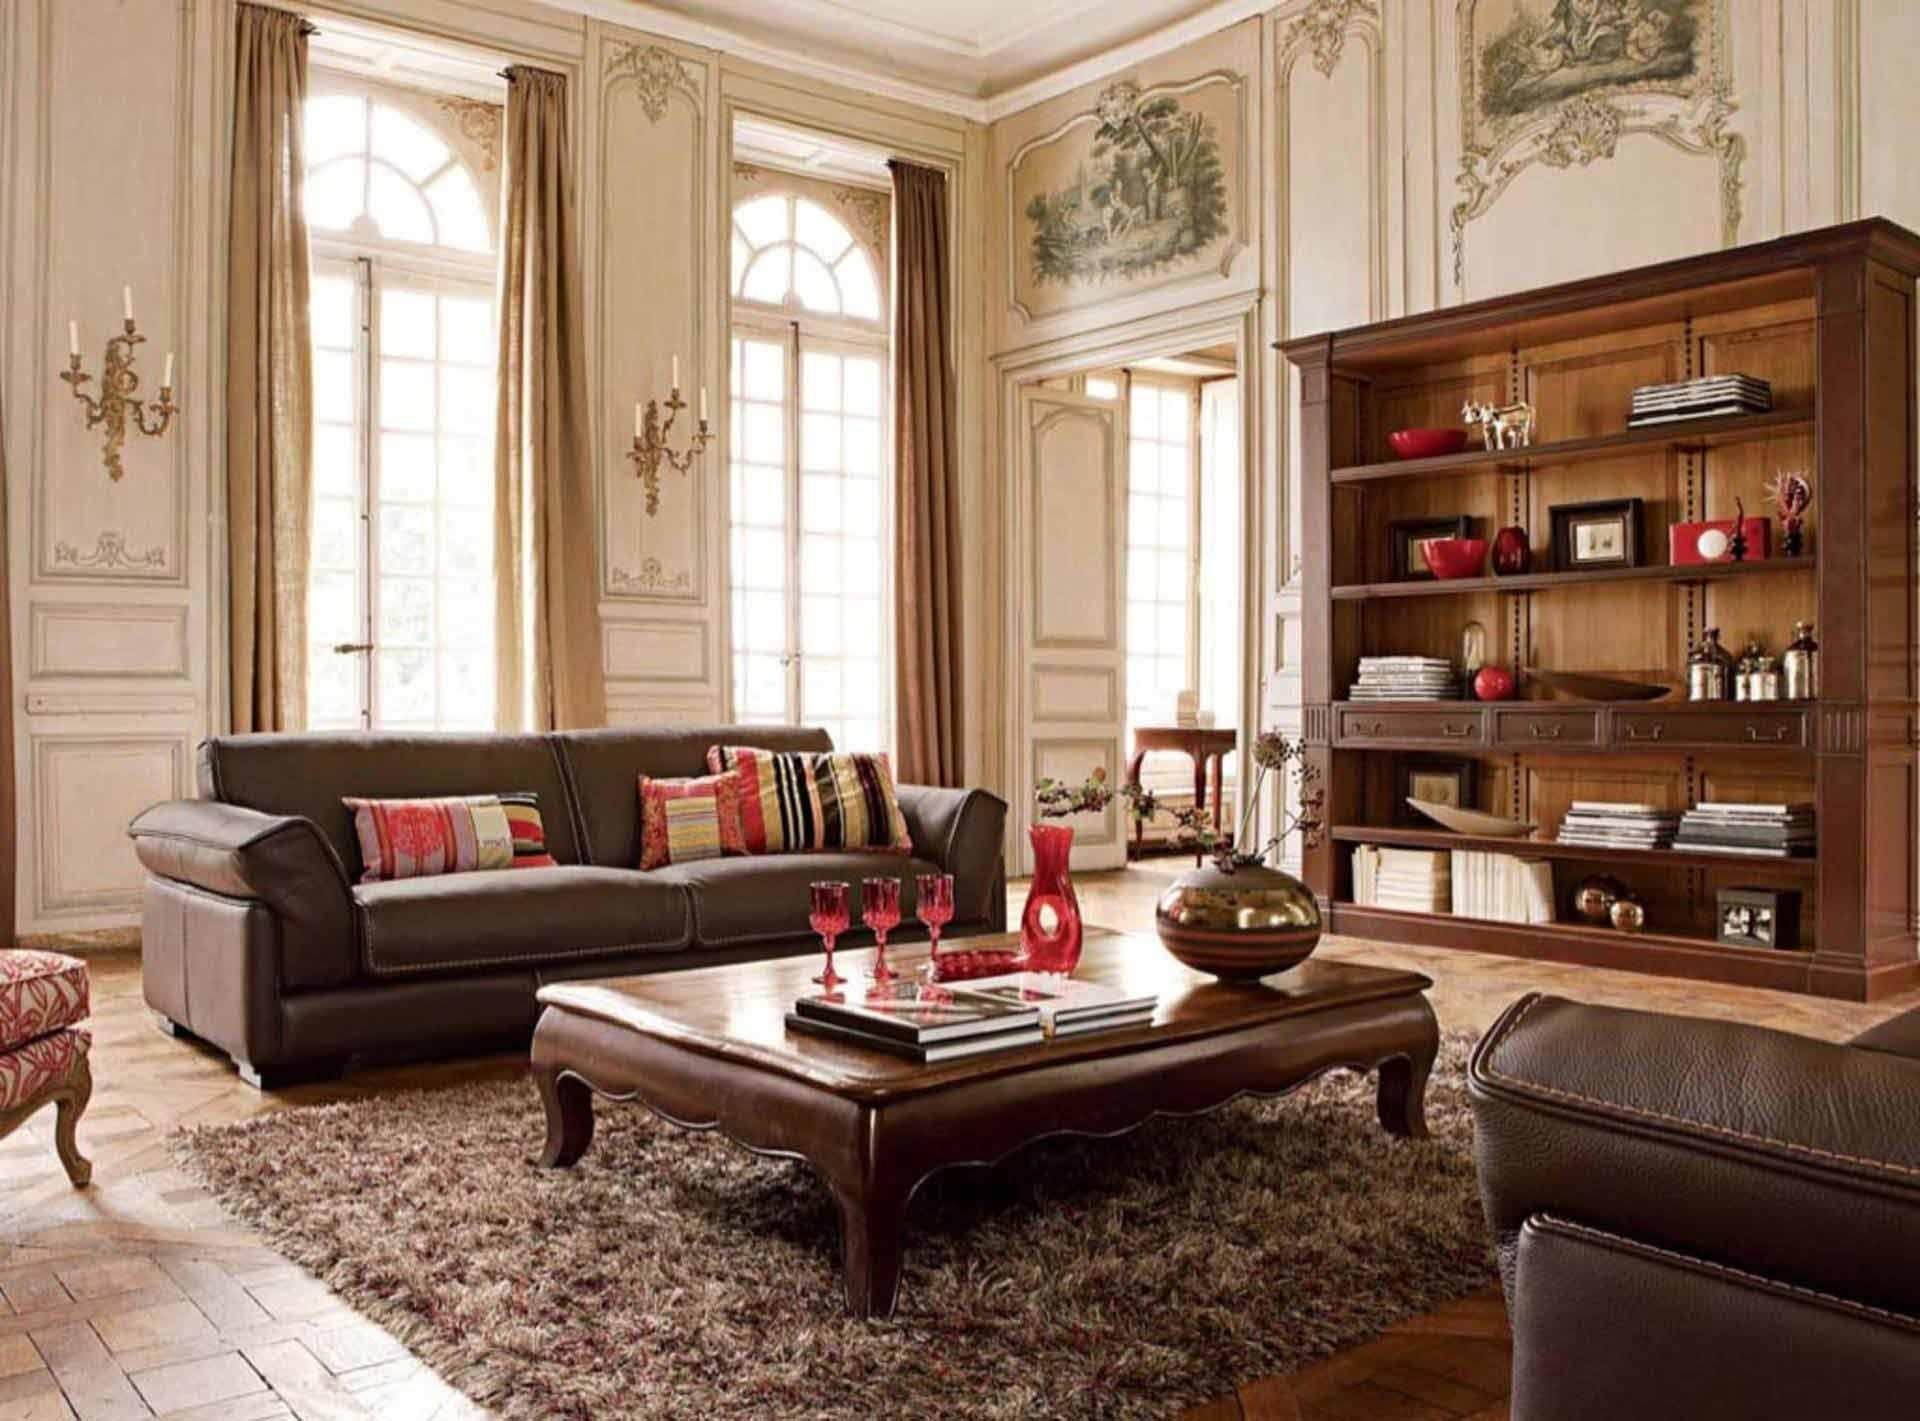 Фото зала, оформленного в классическом стиле